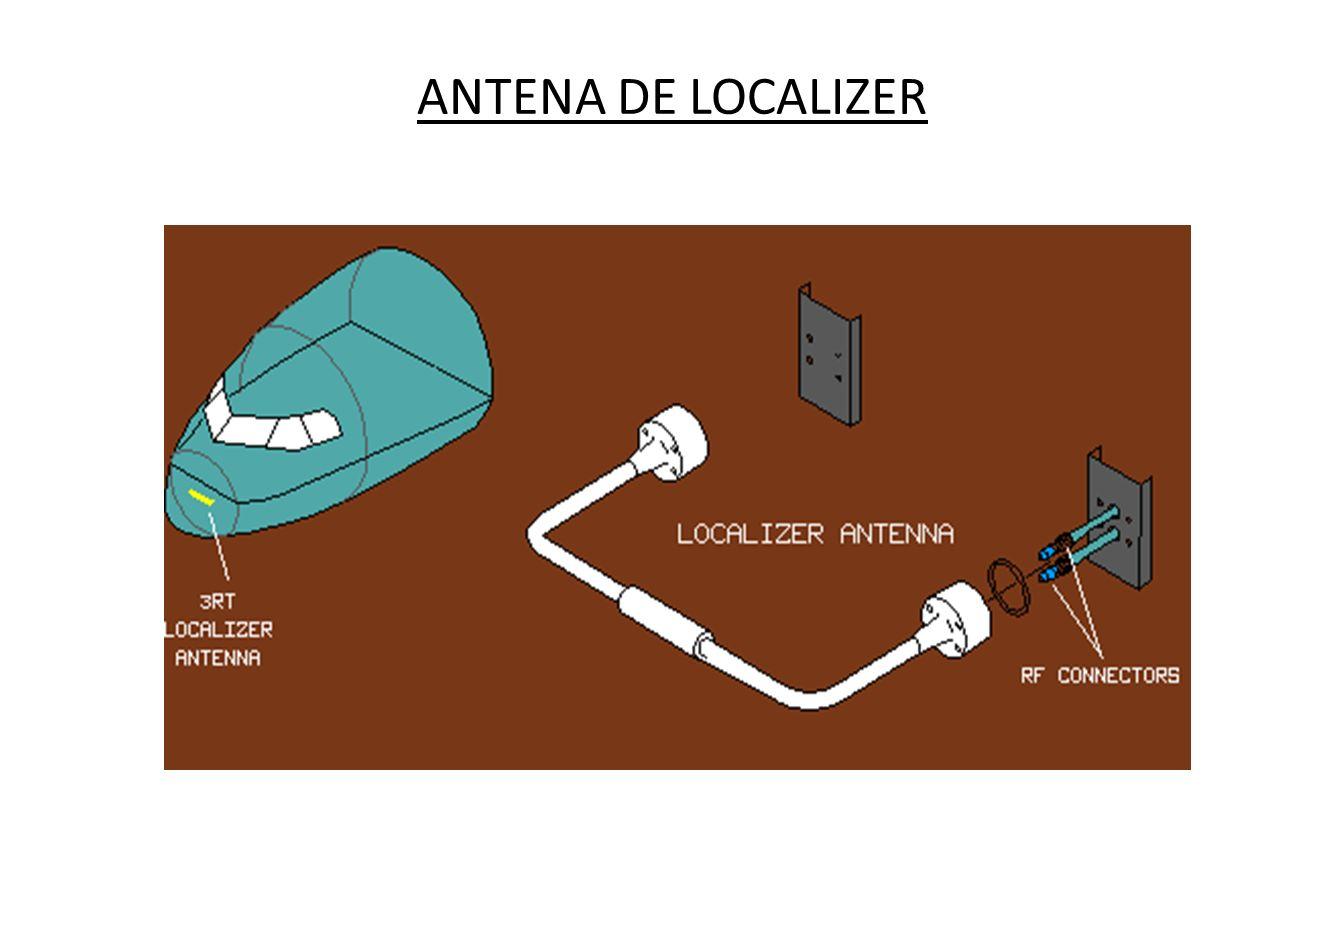 Rampa de descida do ILS 150 Hz 90 Hz SE O AVIÃO ESTIVER NO EIXO E RAMPA CORRETOS OS SINAIS SE ANULAM.